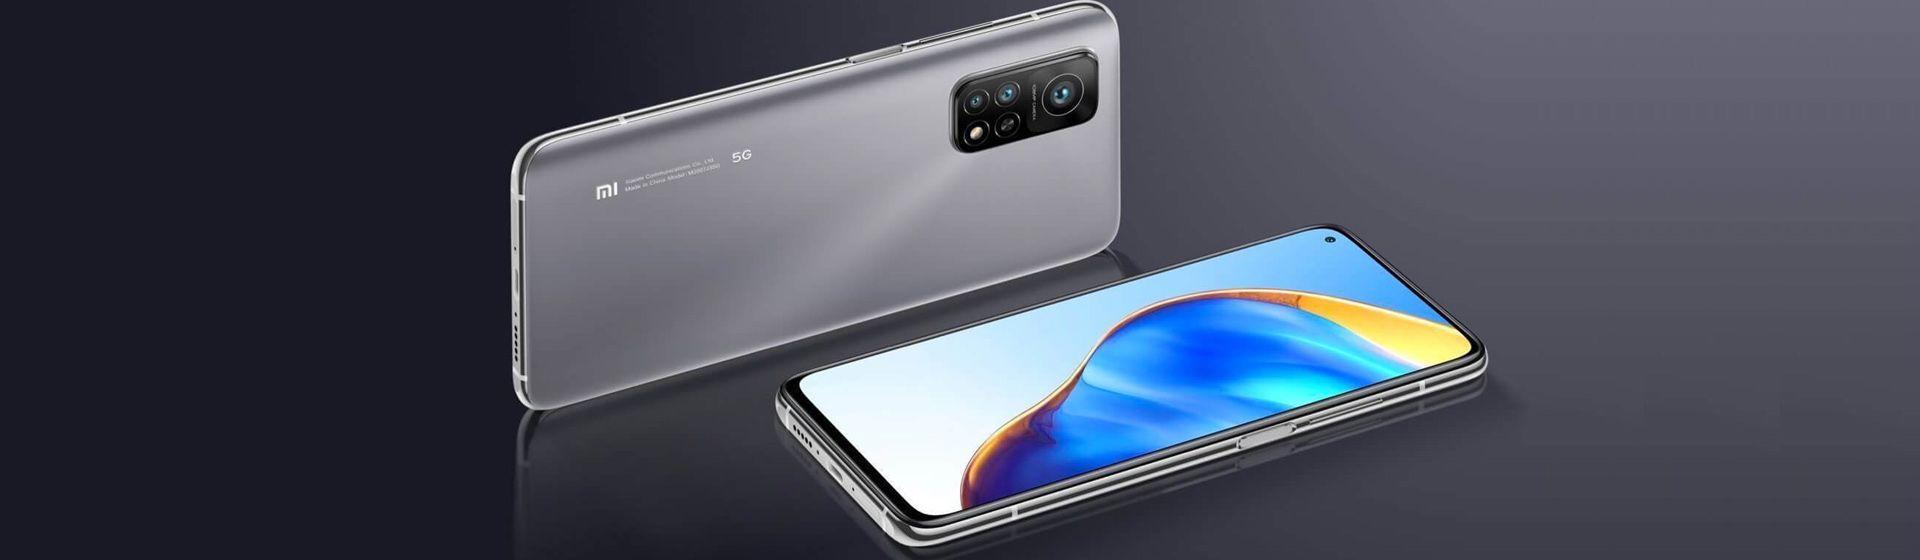 Melhores celulares Xiaomi em 2021: qual smartphone comprar?